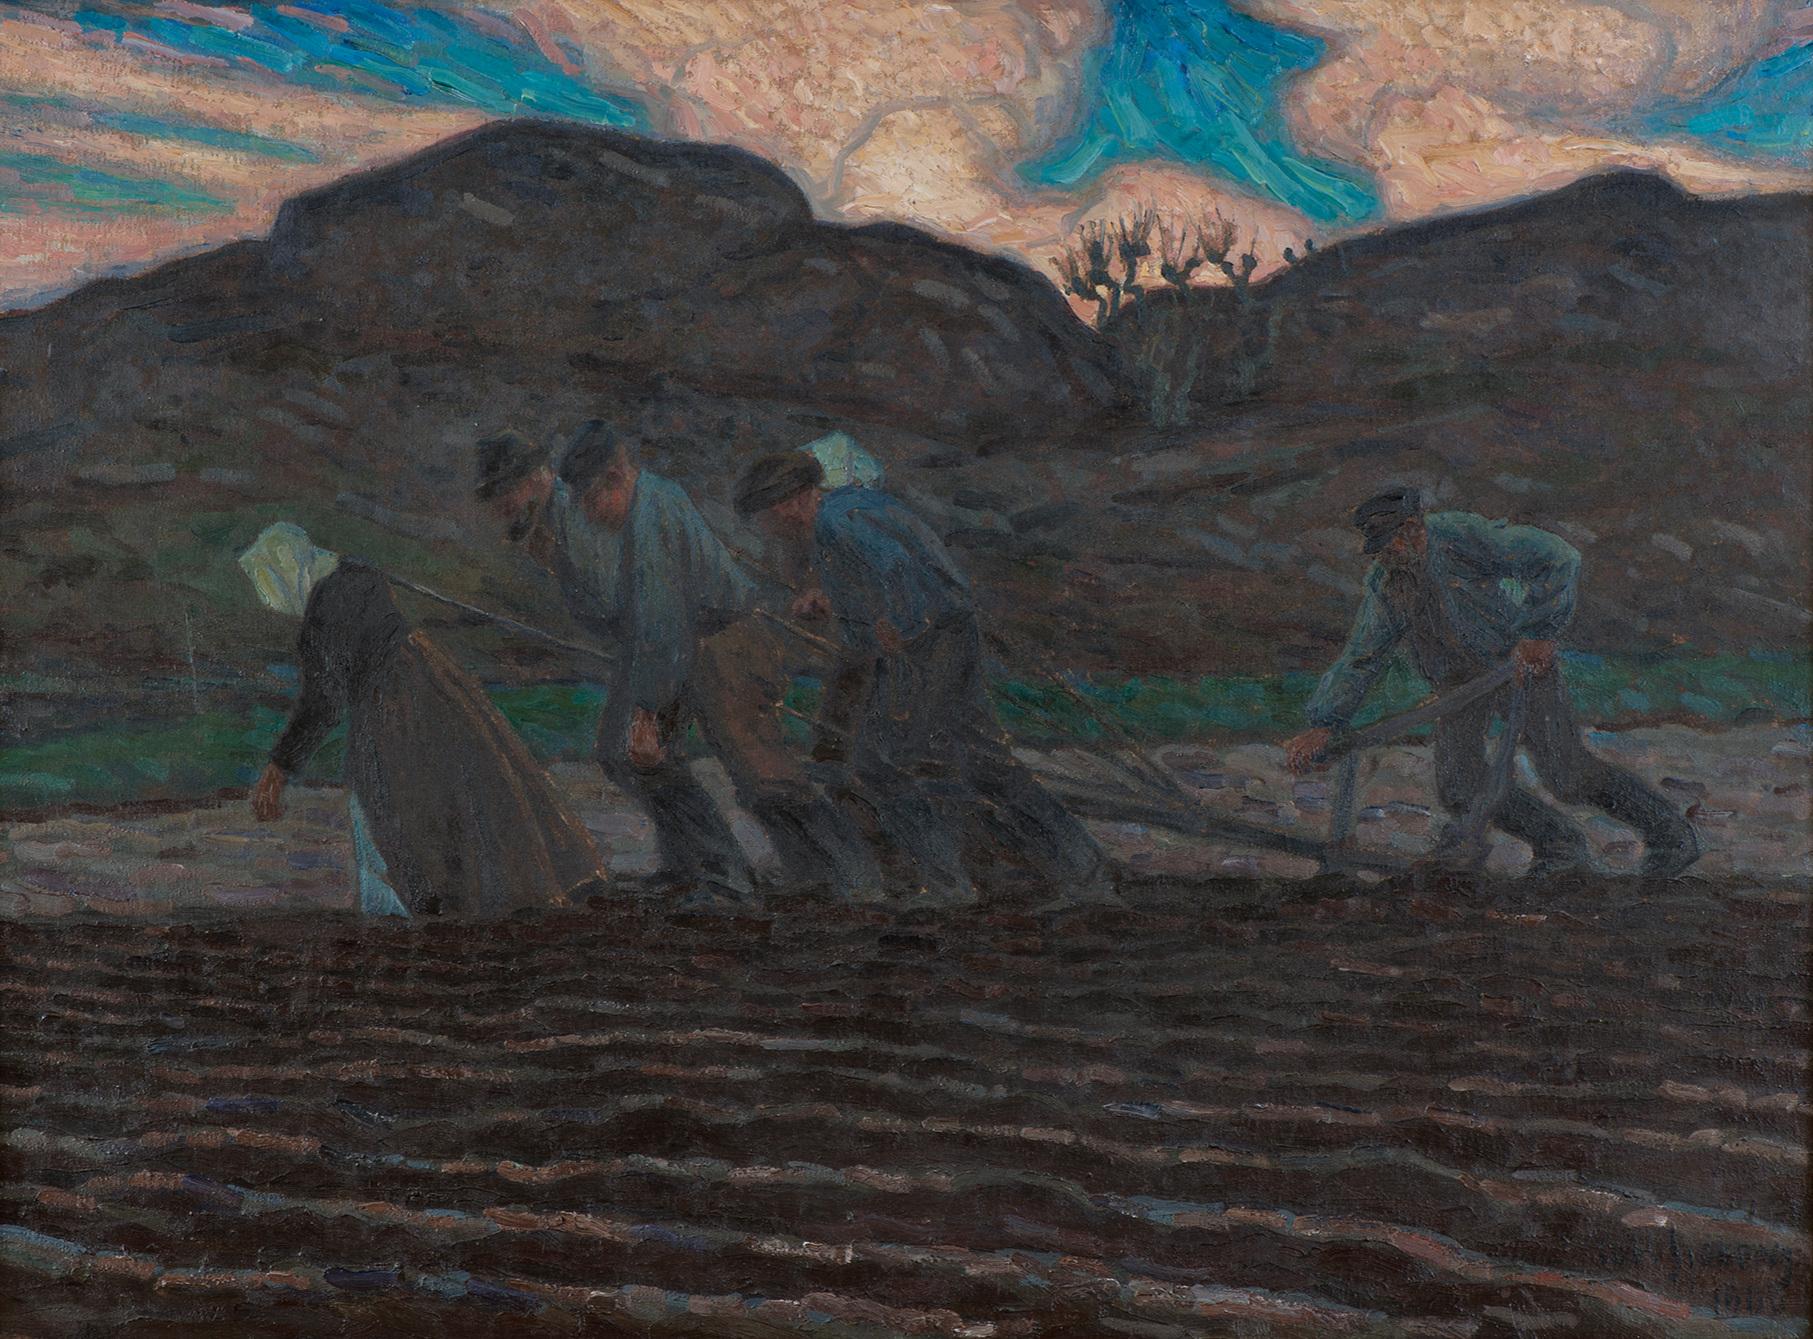 Jordbruk i havsbandet, Hummmelskär. Axel Sjöberg, 1900. Nationalmuseum